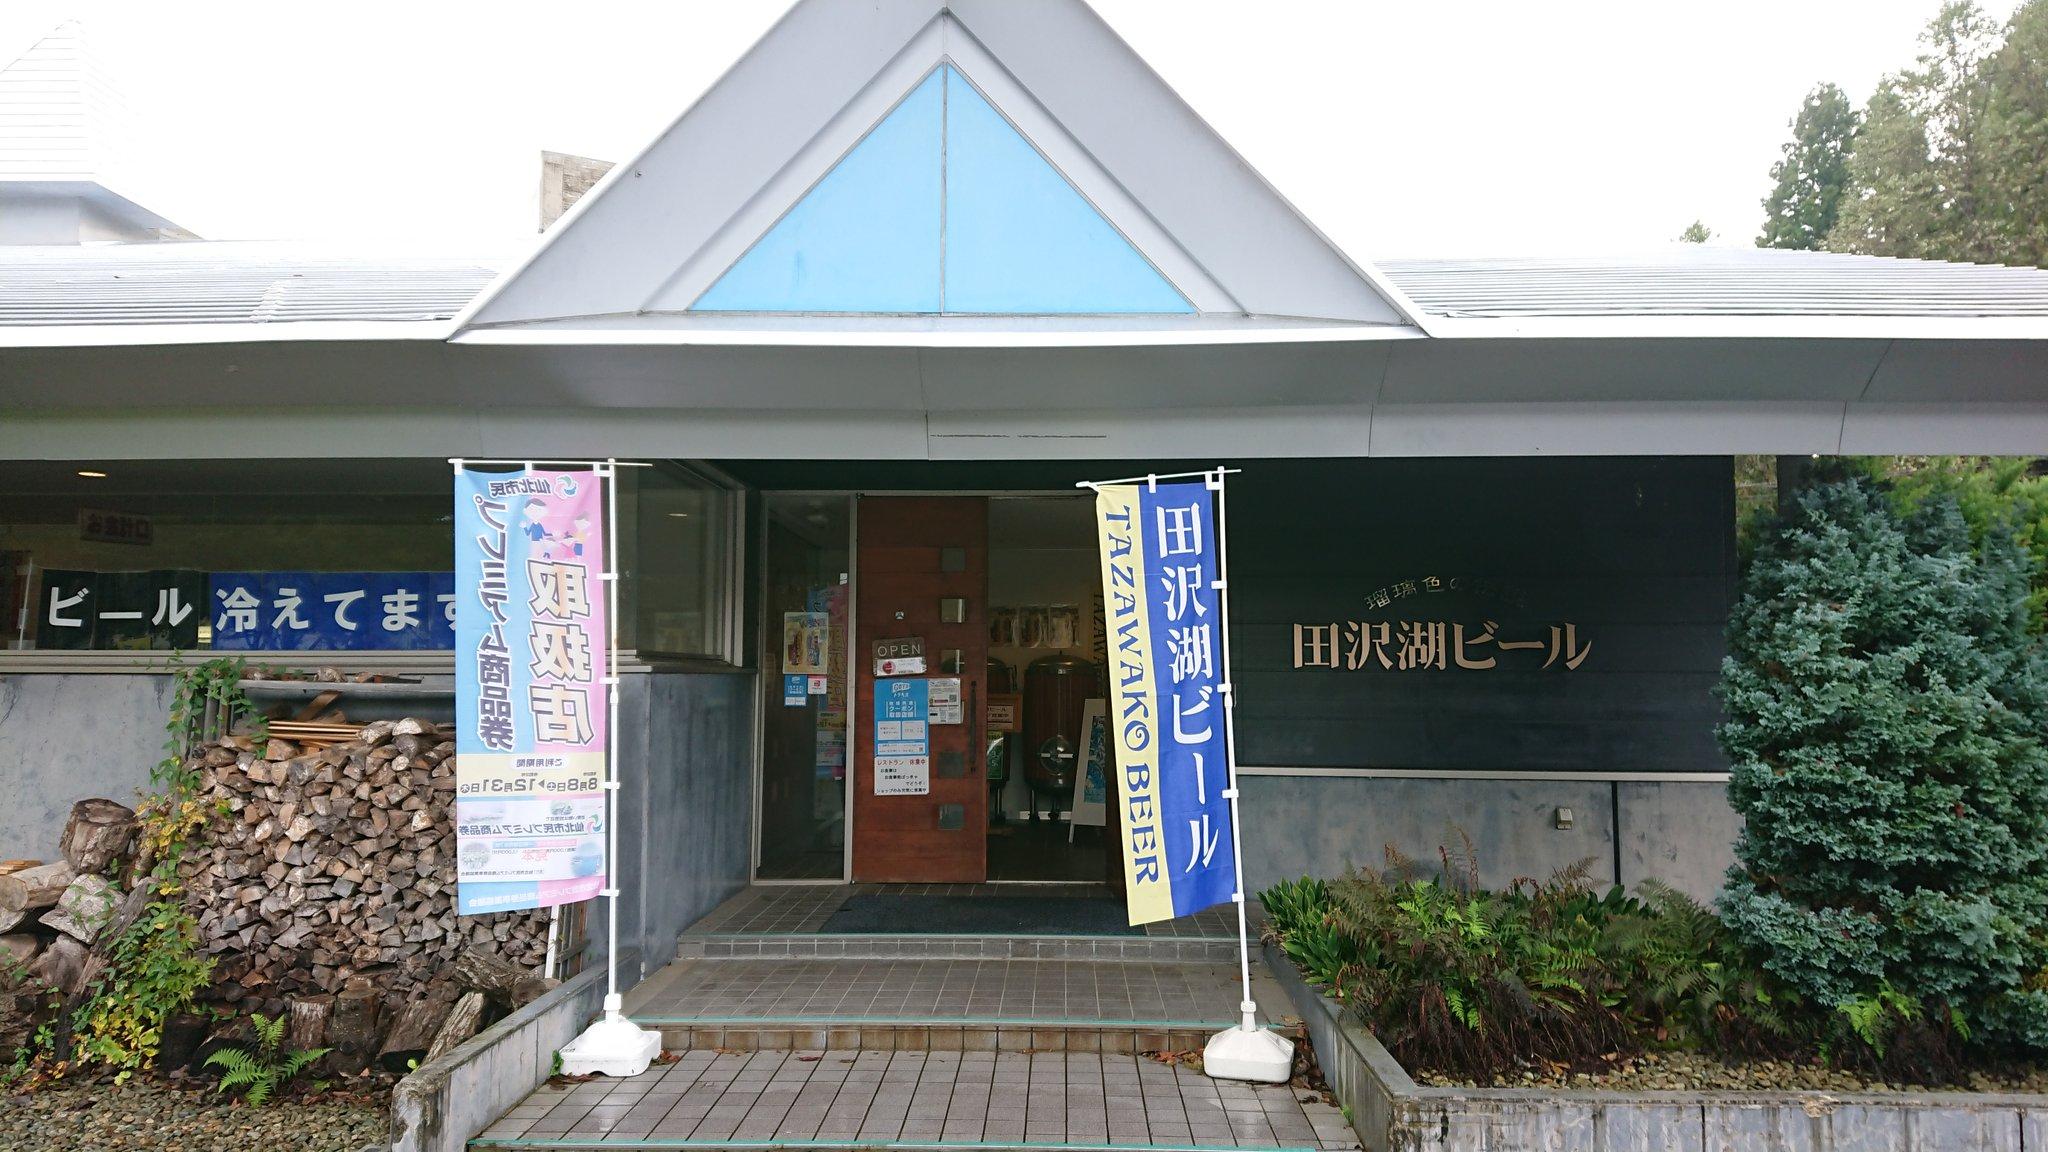 田沢湖ビールショップ外観